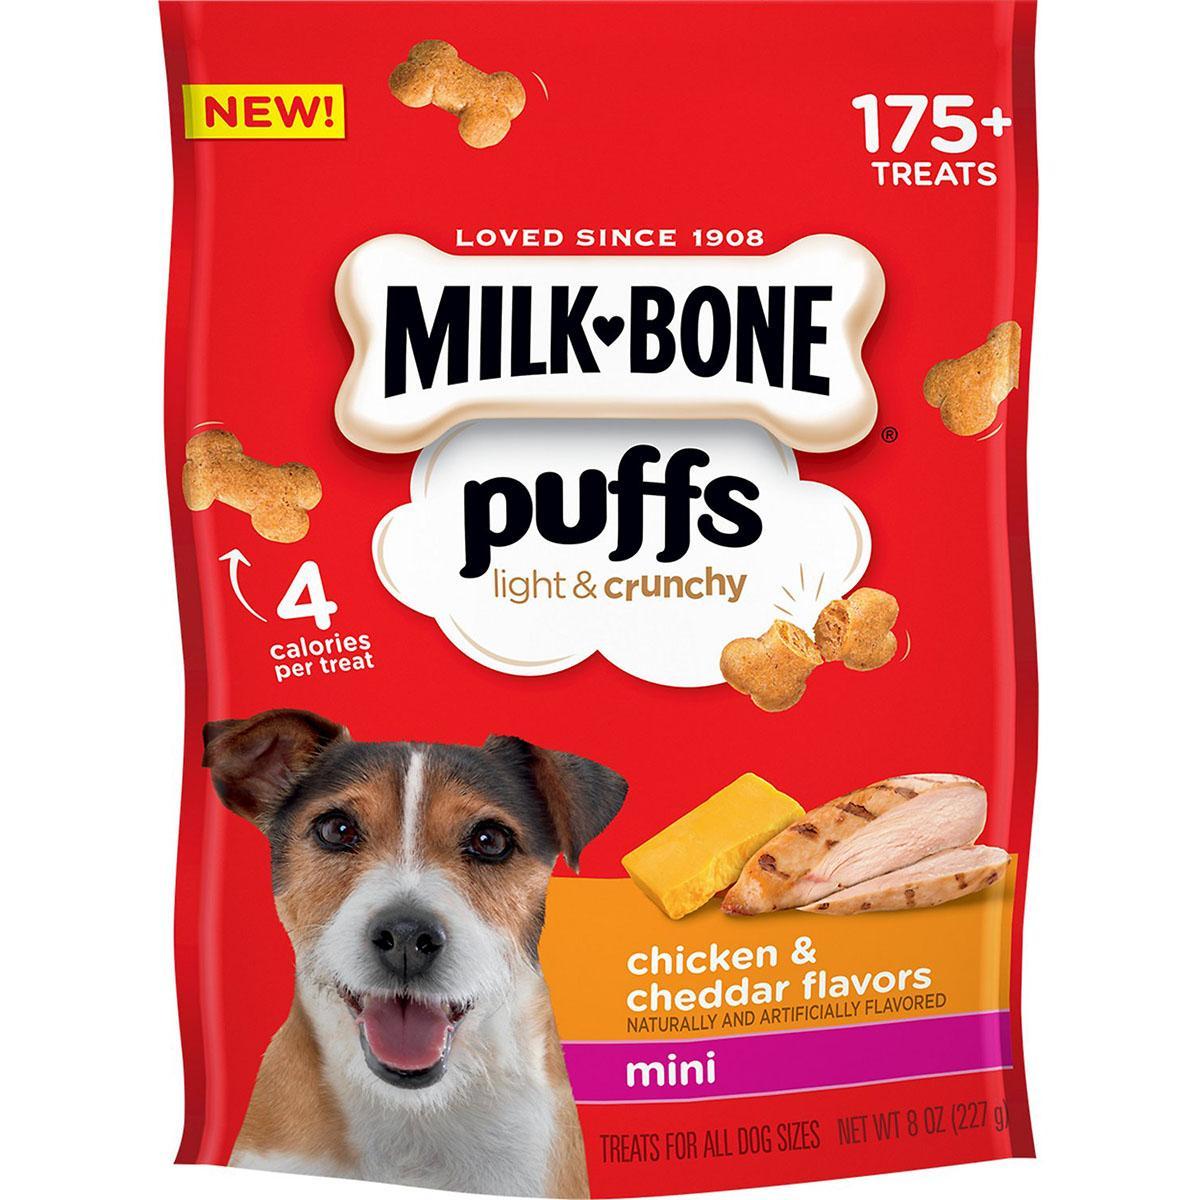 Milk-Bone Puffs Chicken & Cheddar Flavor Dog Treats